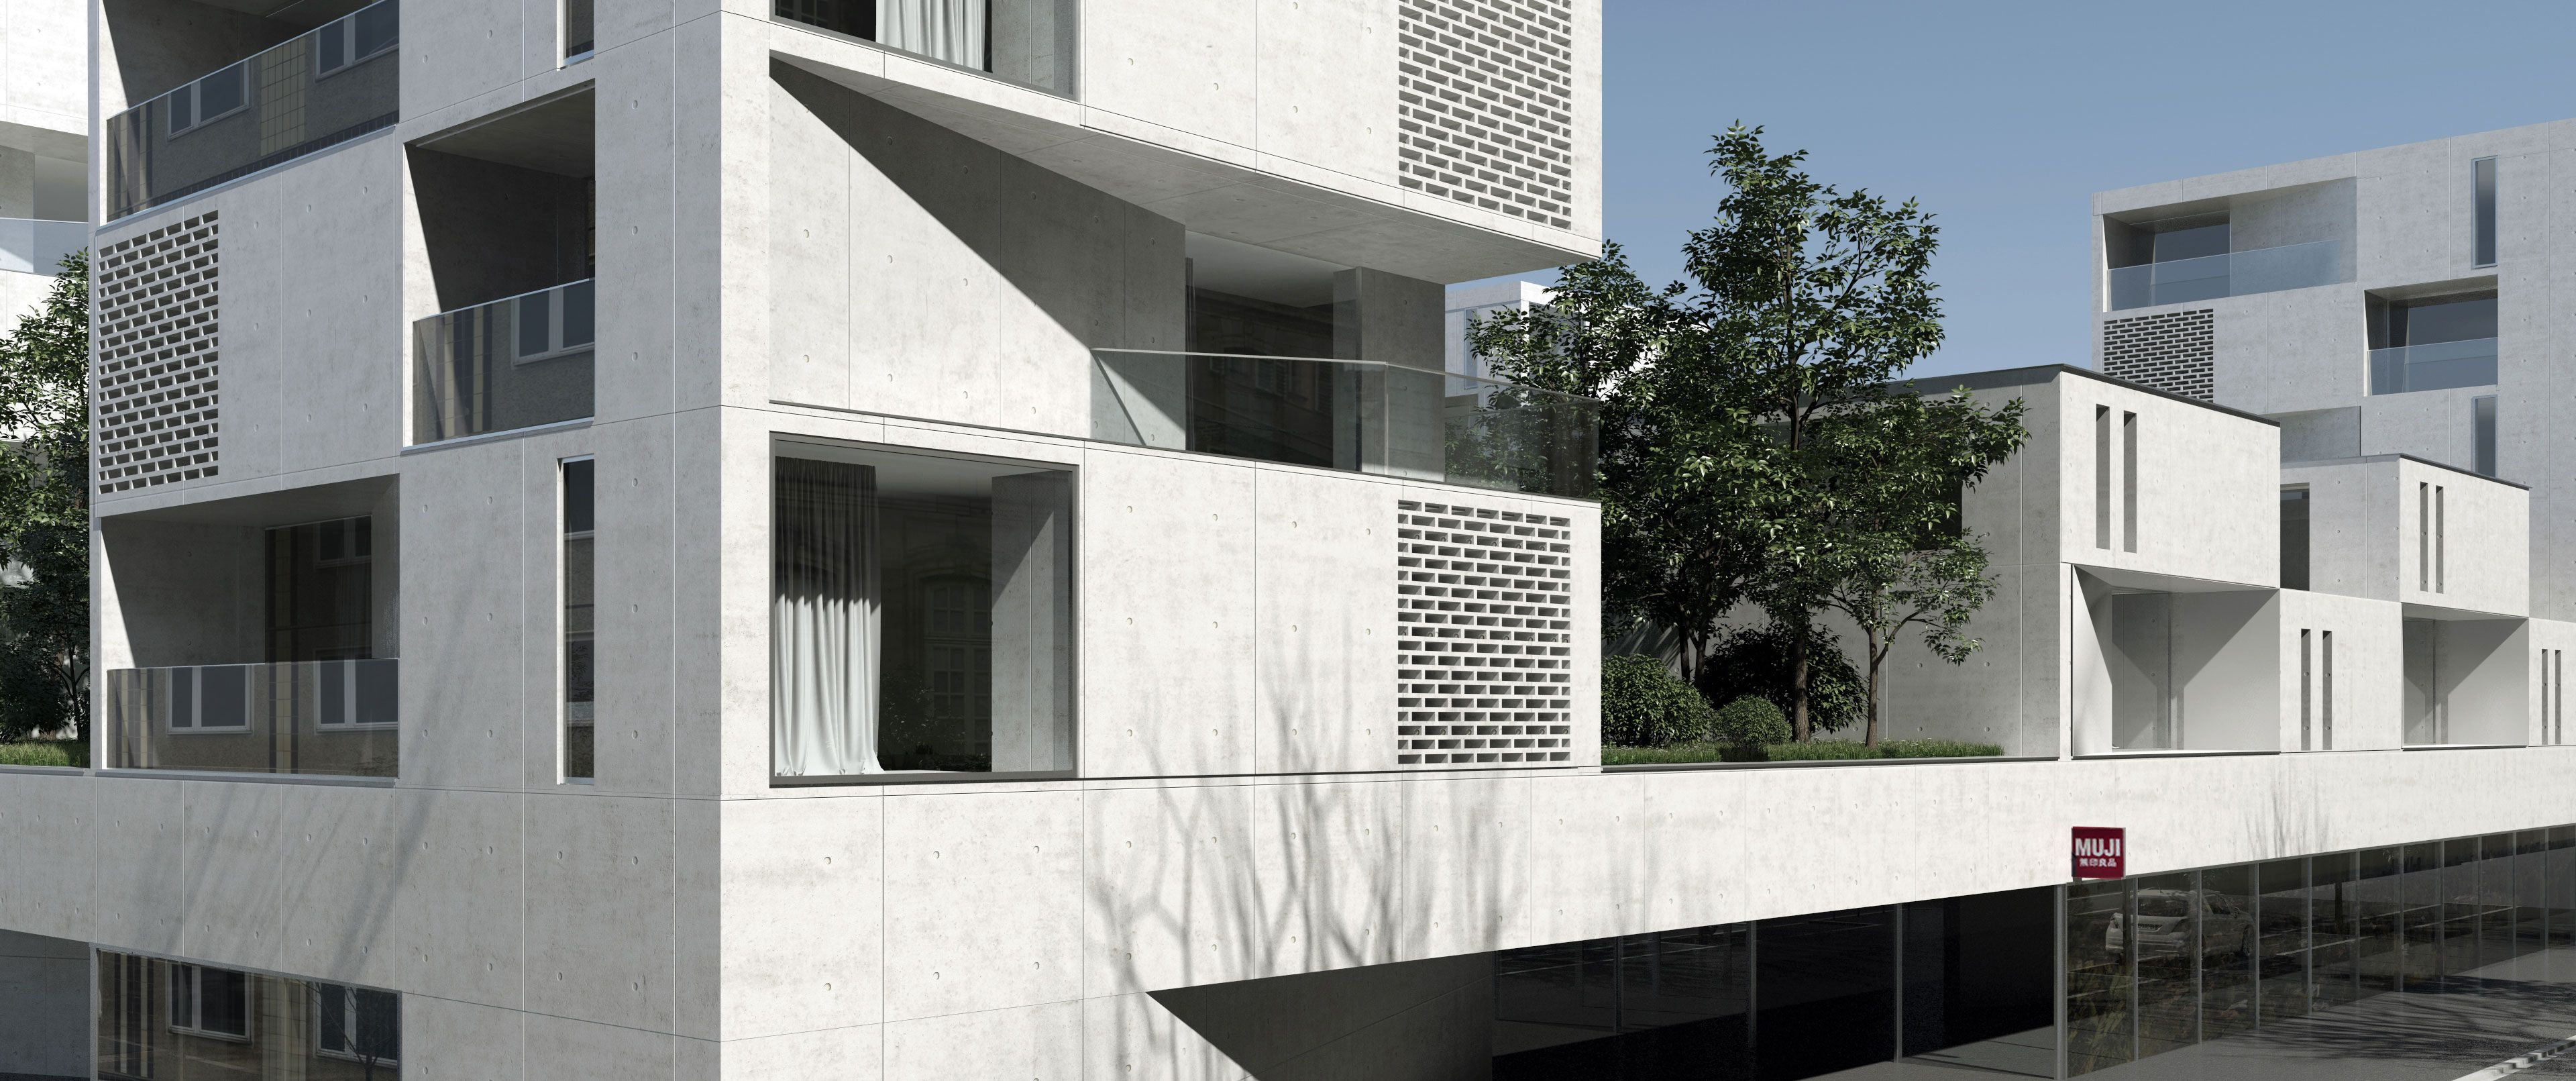 Architecture Contemporaine - Recherche Google Design